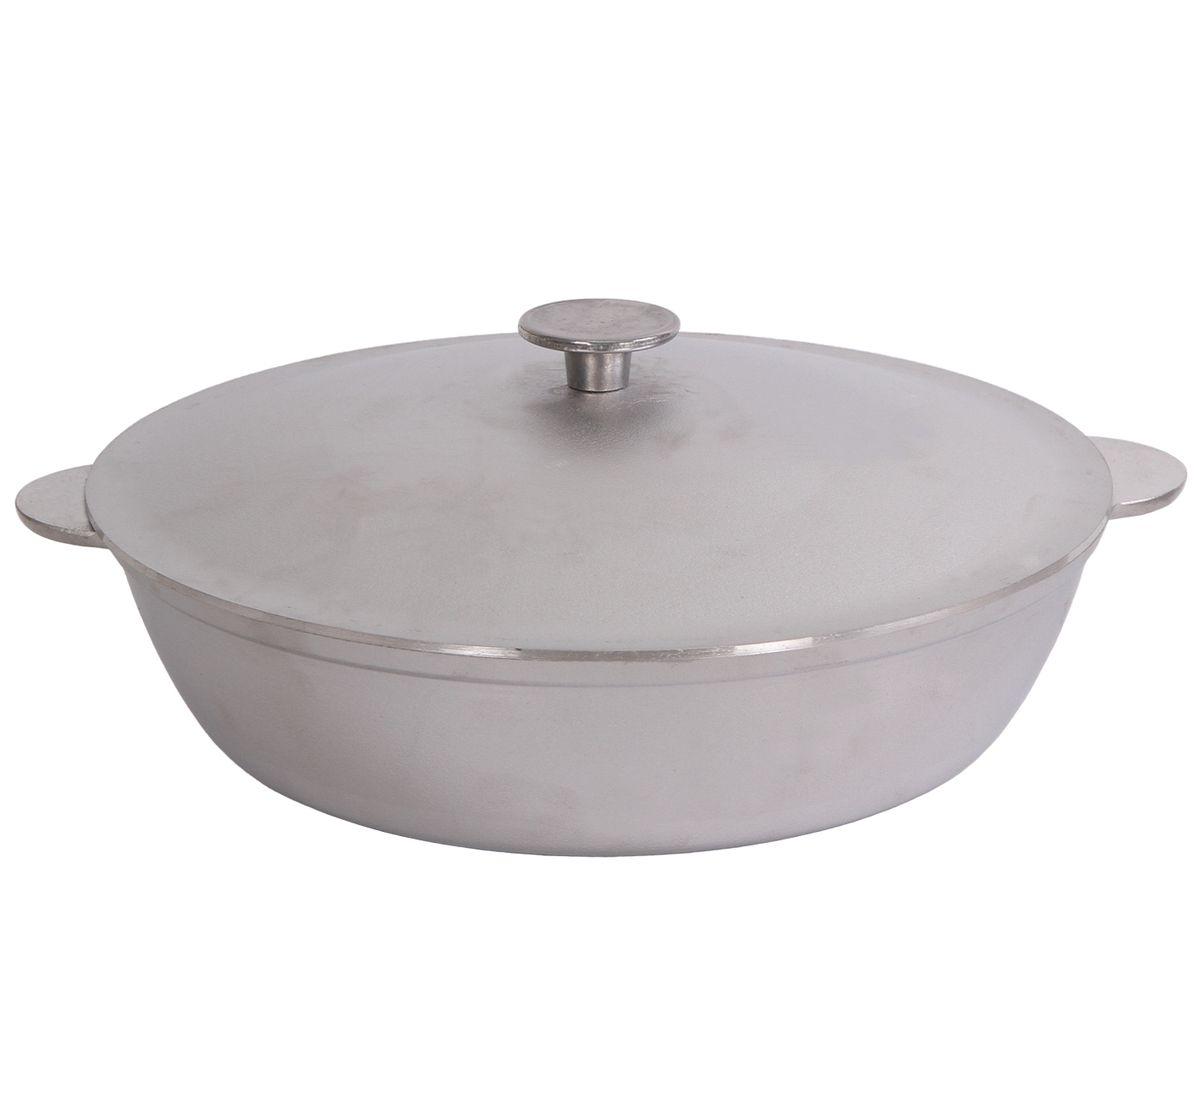 Сковорода, диаметр 30 см, с двумя алюминиевыми ручками и крышкой БИОЛFS-91909Сковорода Биол изготовлена из литого алюминия. Изделие оснащено плотно прилегающей крышкой, позволяющей сохранить аромат готовящегося блюда.Сковорода снабжена двумя эргономичными ручками и имеет рельефное дно. Нельзя оставлять приготовленную пищу в посуде для хранения. Сковороду можно использовать на всех типах плит, кроме индукционных. Рекомендовано мыть вручную. Высота стенки: 6,2 см.Диаметр (по верхнему краю): 30 см.Ширина (с учетом ручек): 36,2 см.